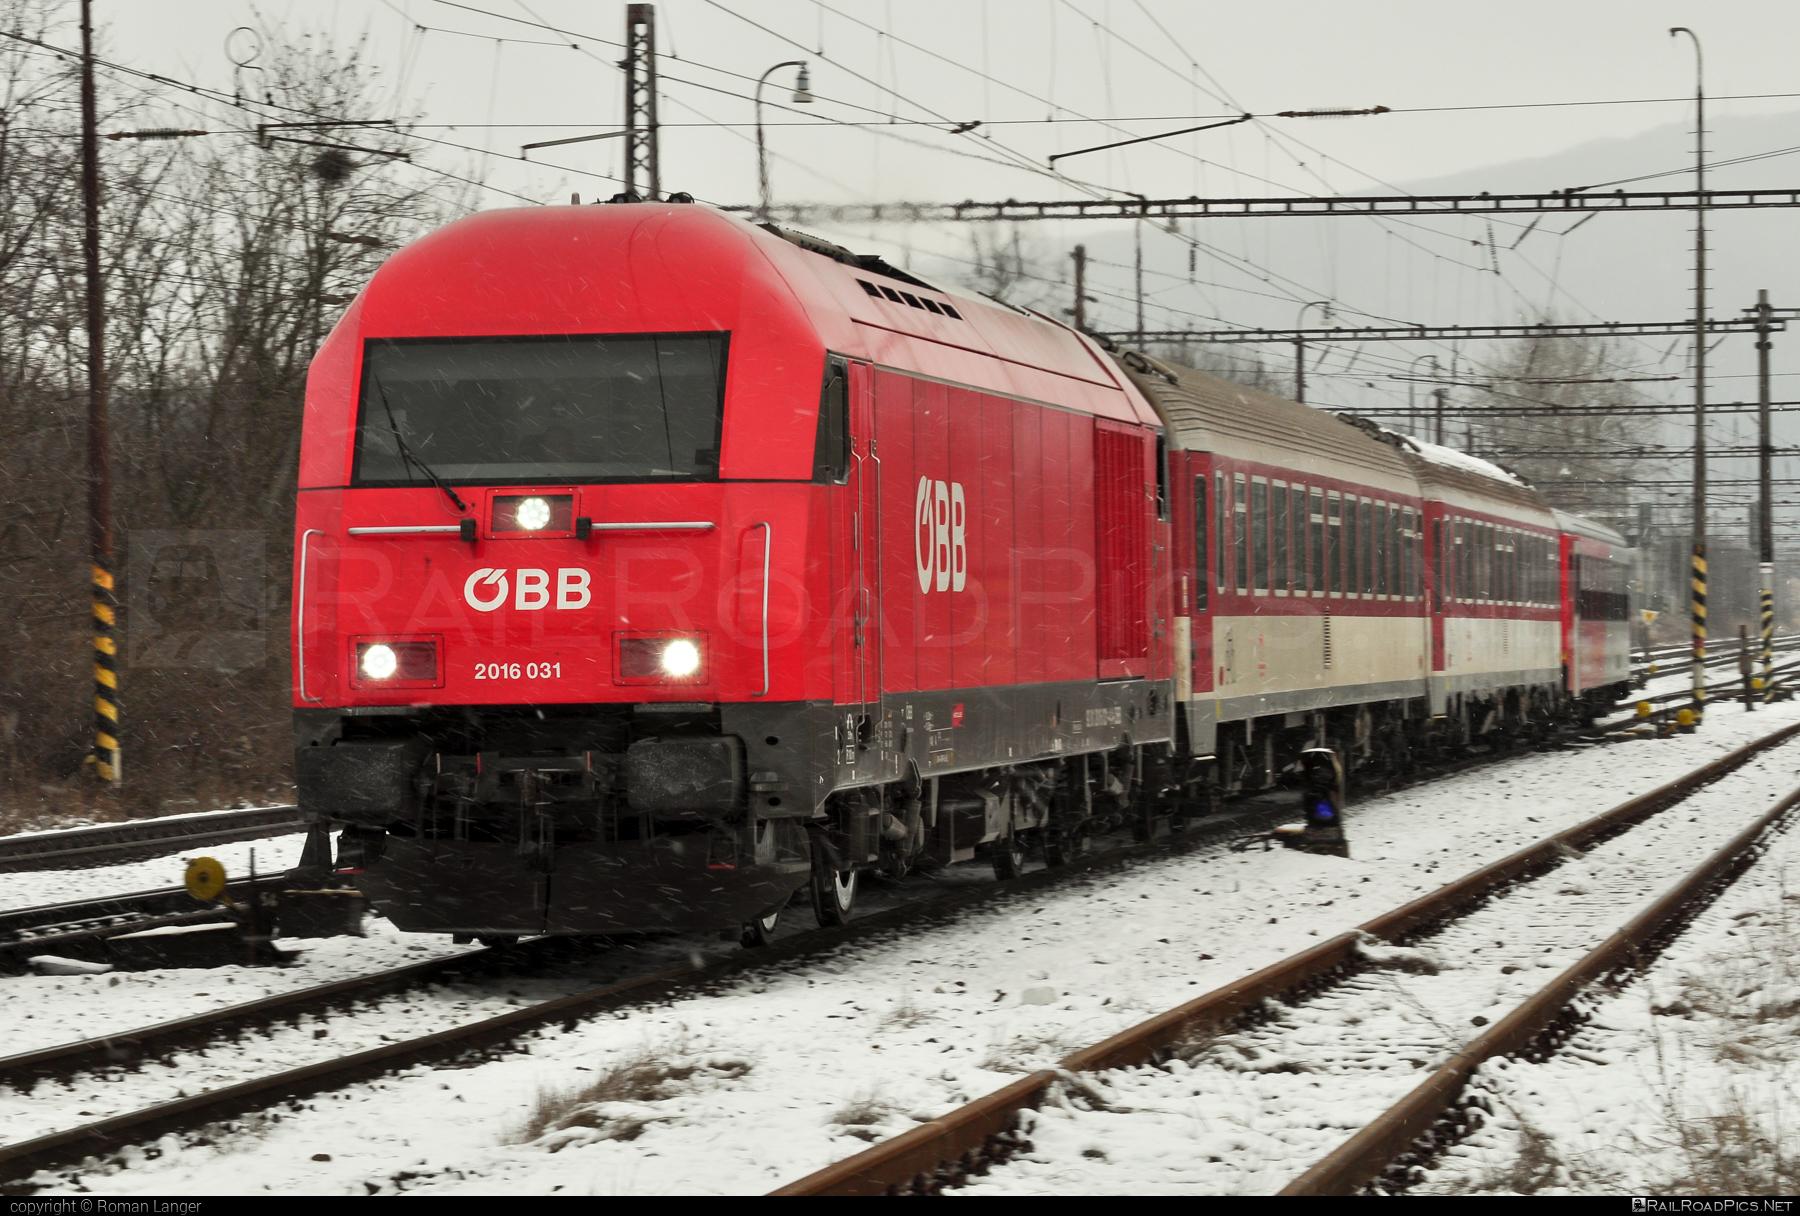 Siemens ER20 - 2016 031 operated by Österreichische Bundesbahnen #er20 #er20hercules #eurorunner #hercules #obb #osterreichischebundesbahnen #siemens #siemenser20 #siemenser20hercules #siemenseurorunner #siemenshercules